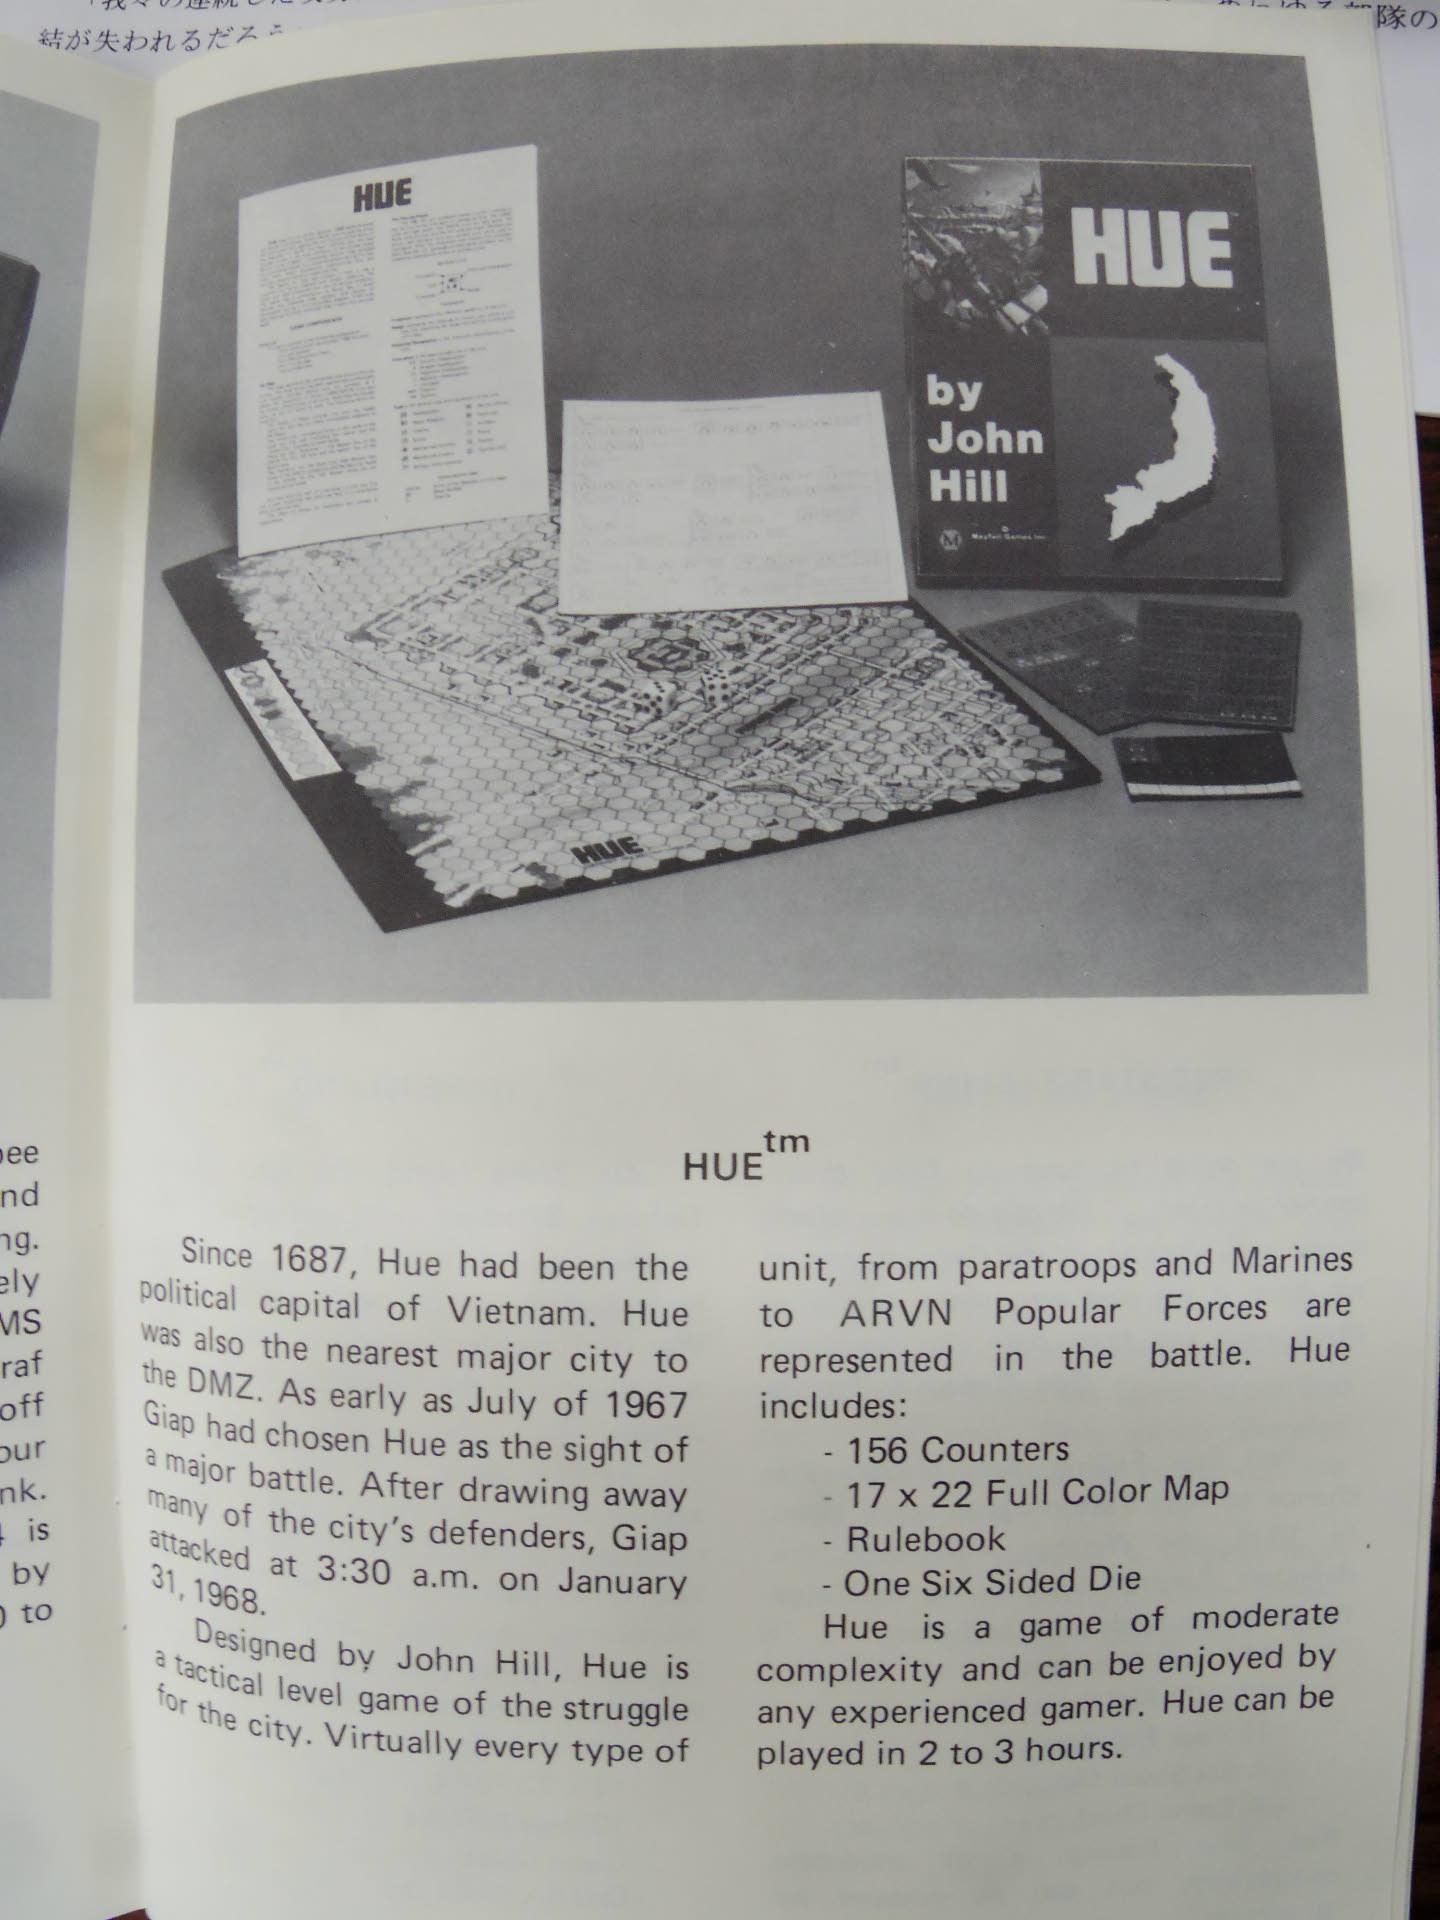 2019.06.09(日)YSGA6月例会の様子その3(メイフェア)HUE「ベトナム戦争フエ市街戦1968」_b0173672_21332158.jpg